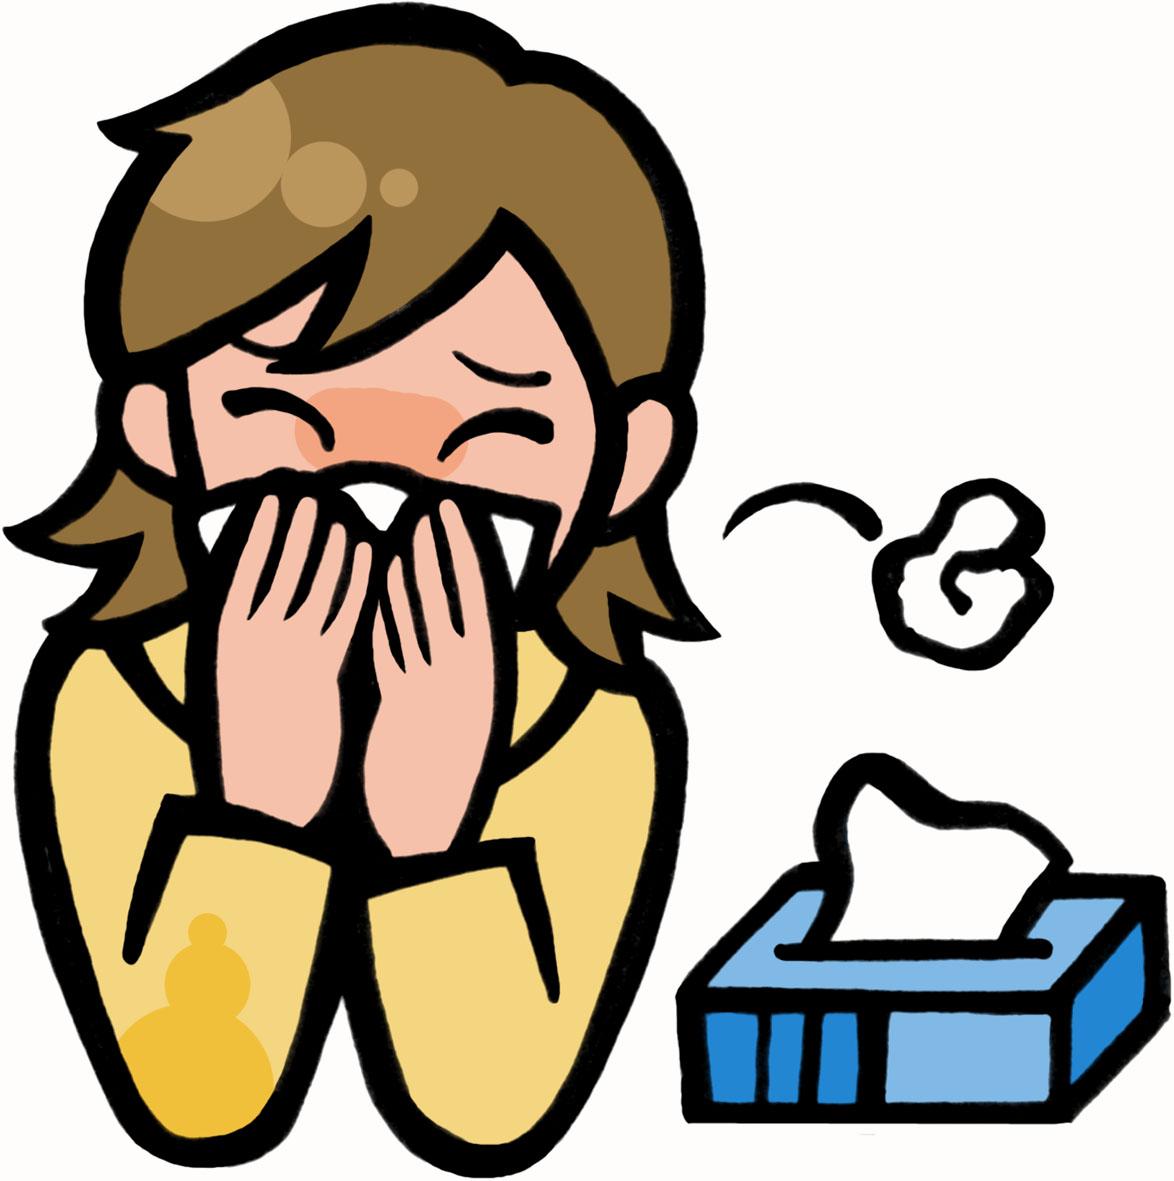 花粉症の予防にヨーグルト!?乳酸菌の驚きの働きとアレルギーの関係のサムネイル画像